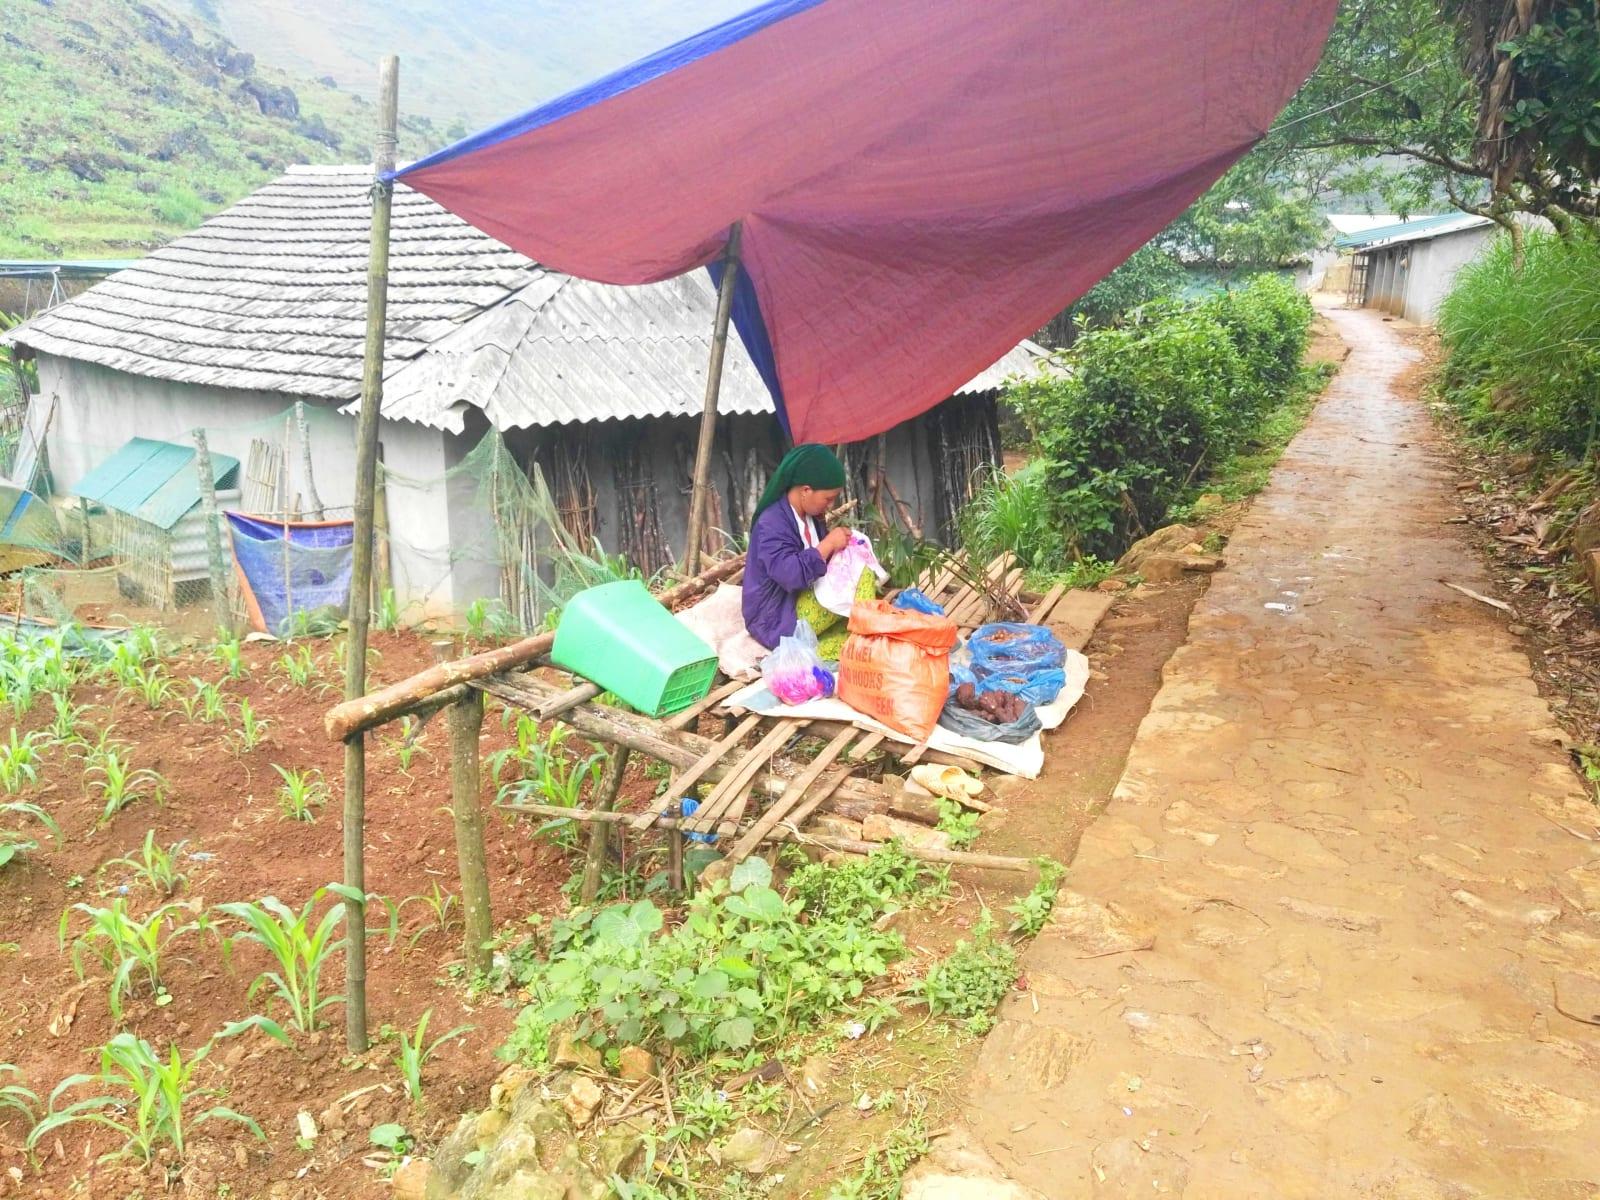 Cesta k jeskyni Lung Khuy Cave